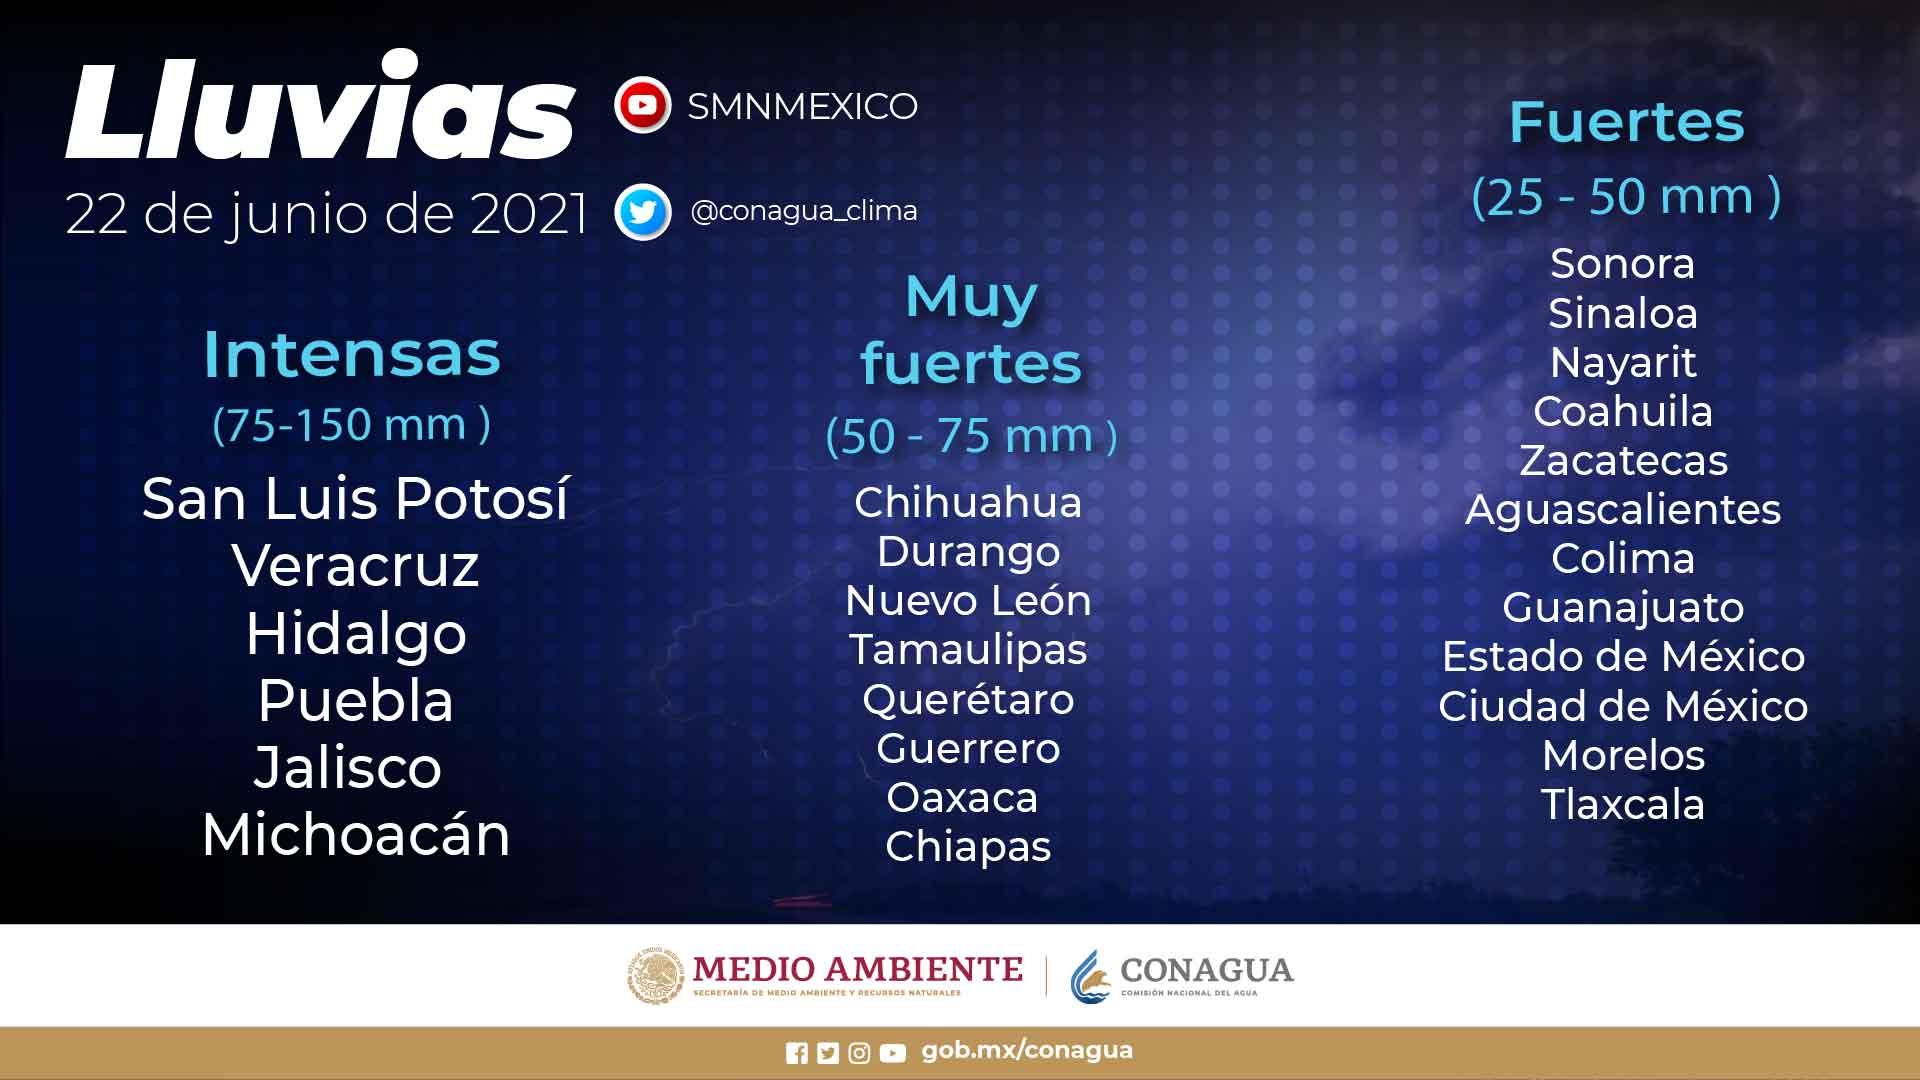 Se pronostican lluvias intensas para Hidalgo, Jalisco, Michoacán, Puebla, San Luis Potosí, Tamaulipas y Veracruz